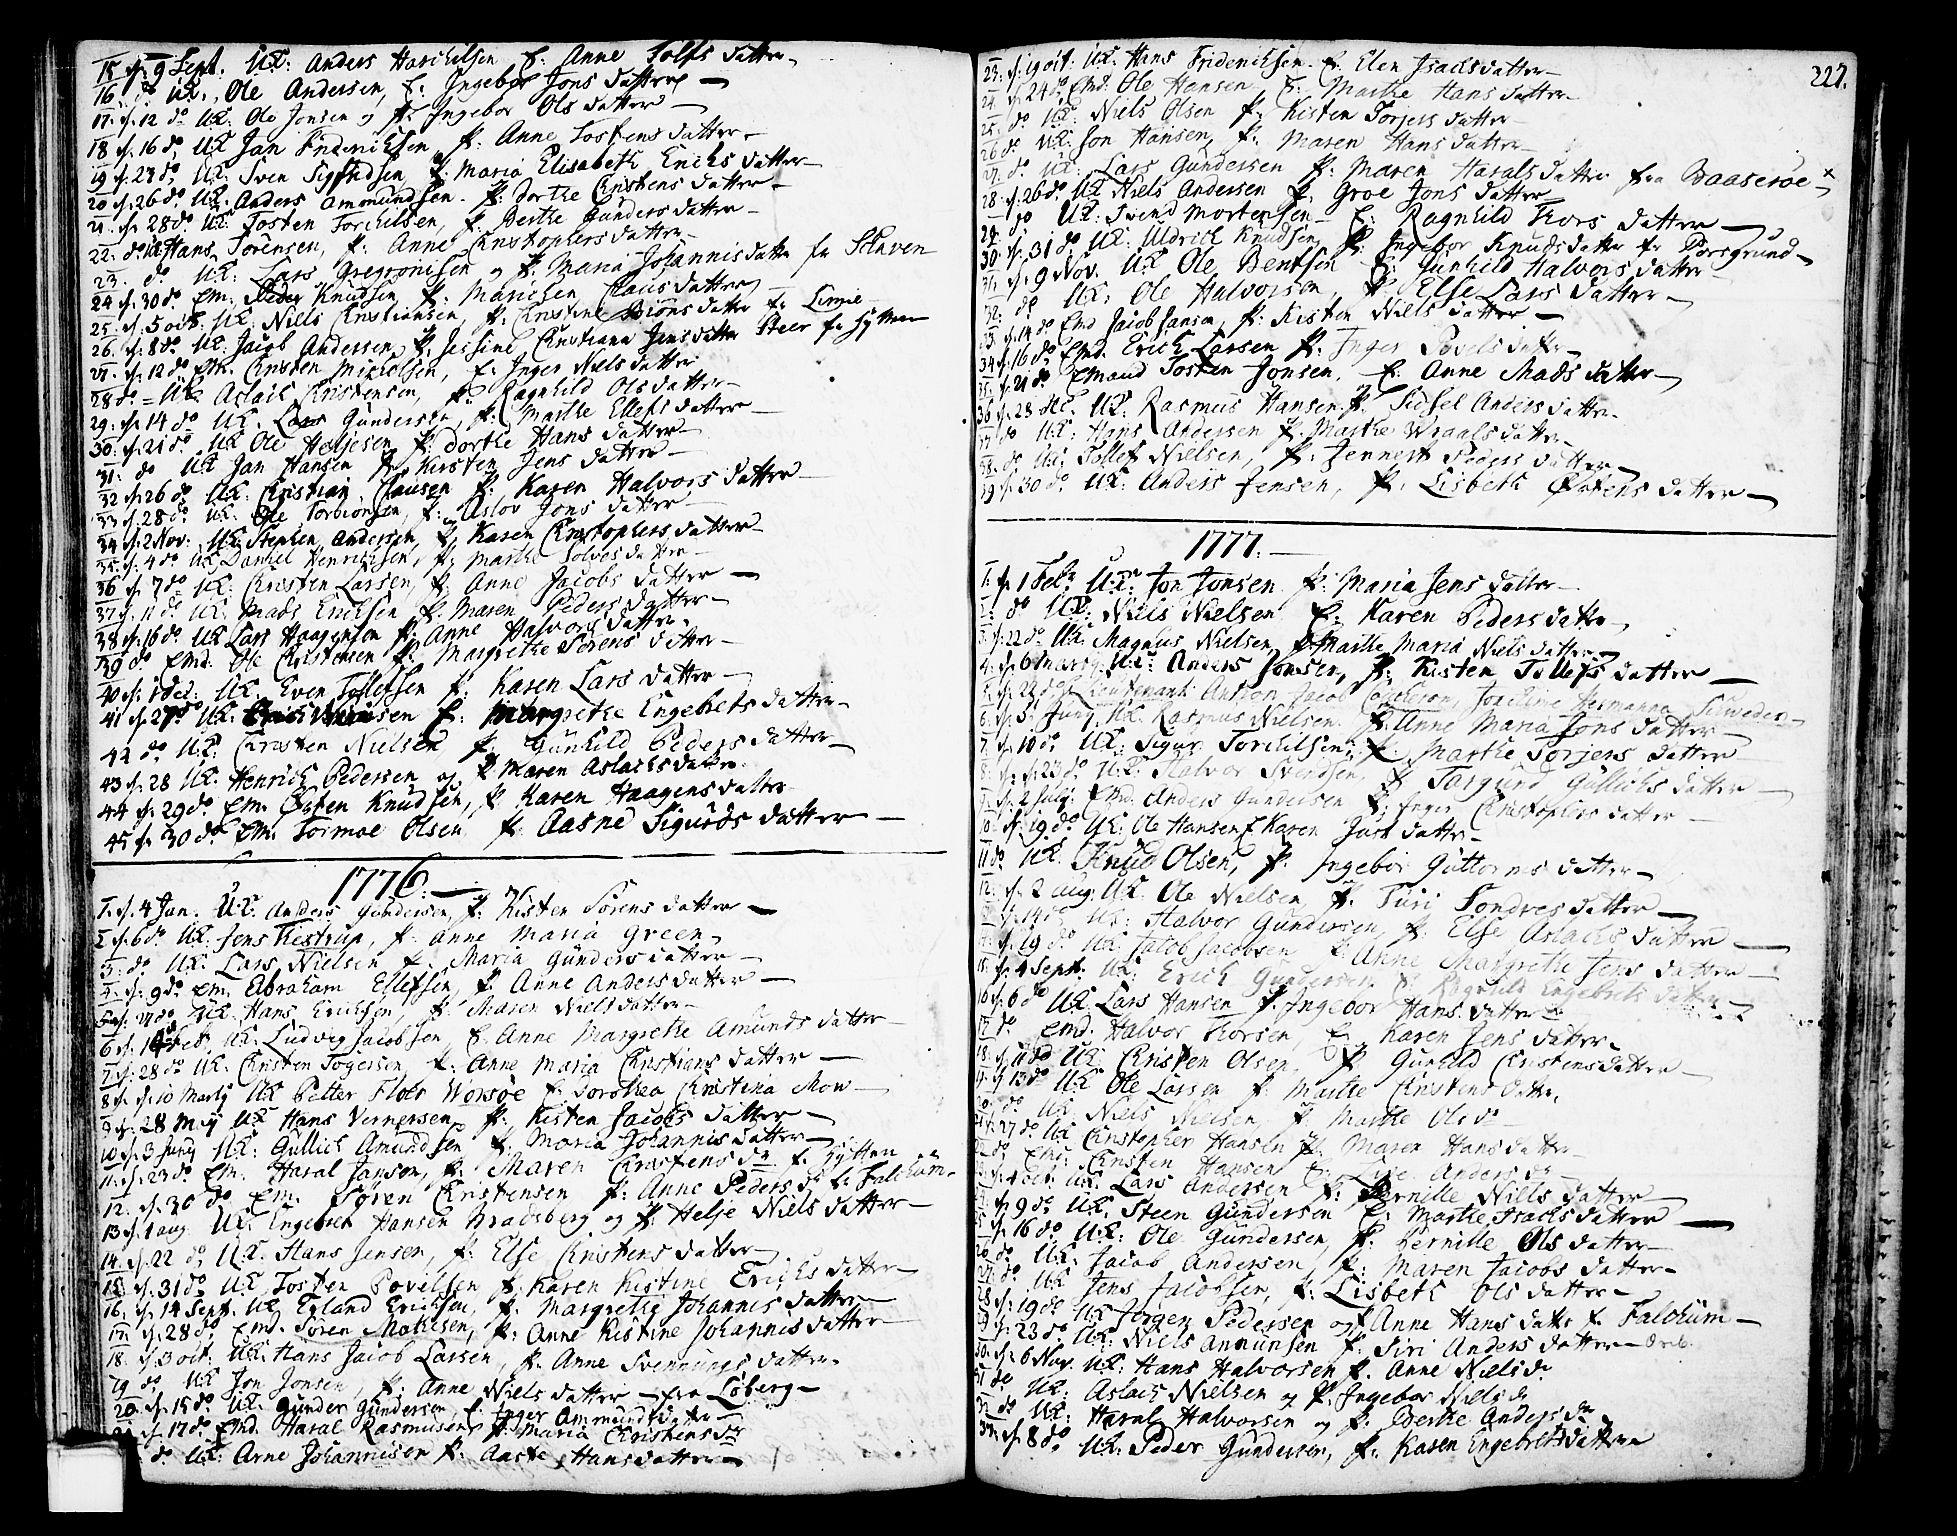 SAKO, Gjerpen kirkebøker, F/Fa/L0002: Ministerialbok nr. 2, 1747-1795, s. 227